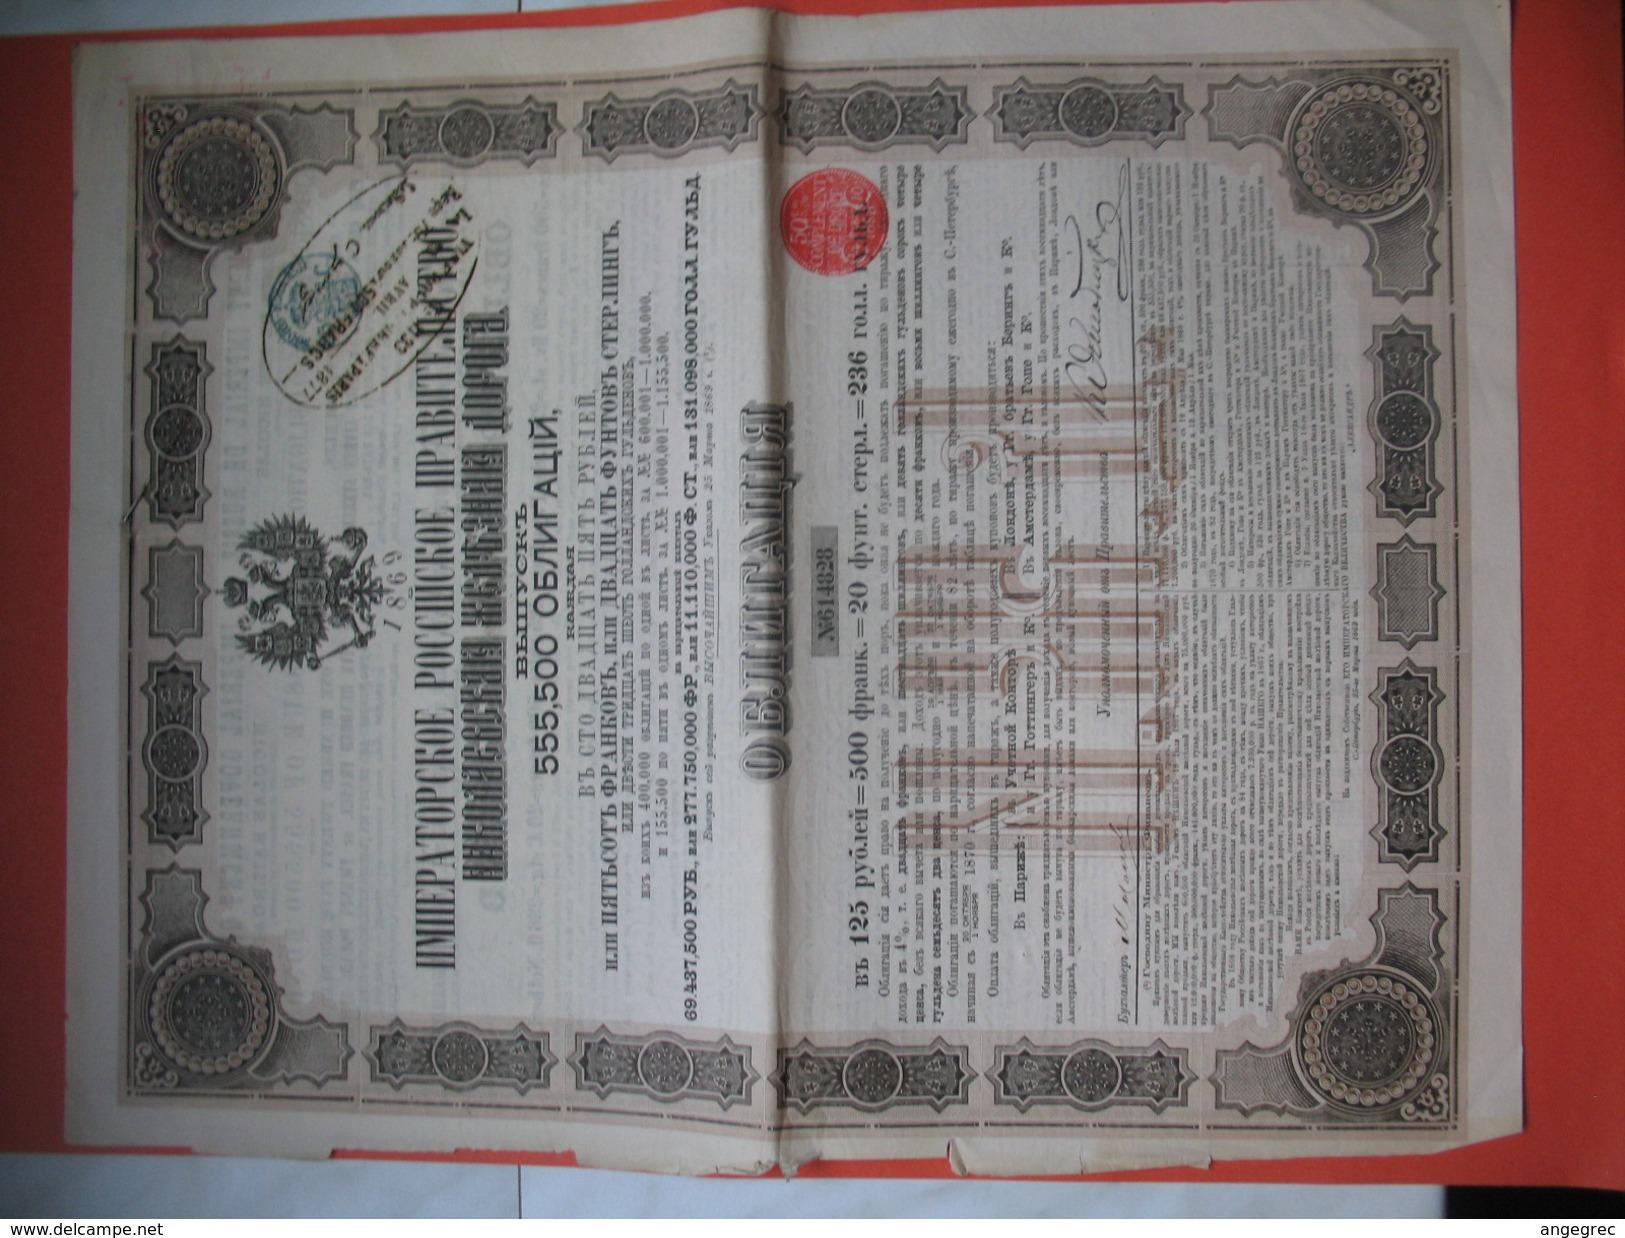 Gouvernement Impérial De Russie, Compagnie Du Chemin De Fer Du Nicolas N° 614828 Et 090995 Du Nord-Donetz - Chemin De Fer & Tramway